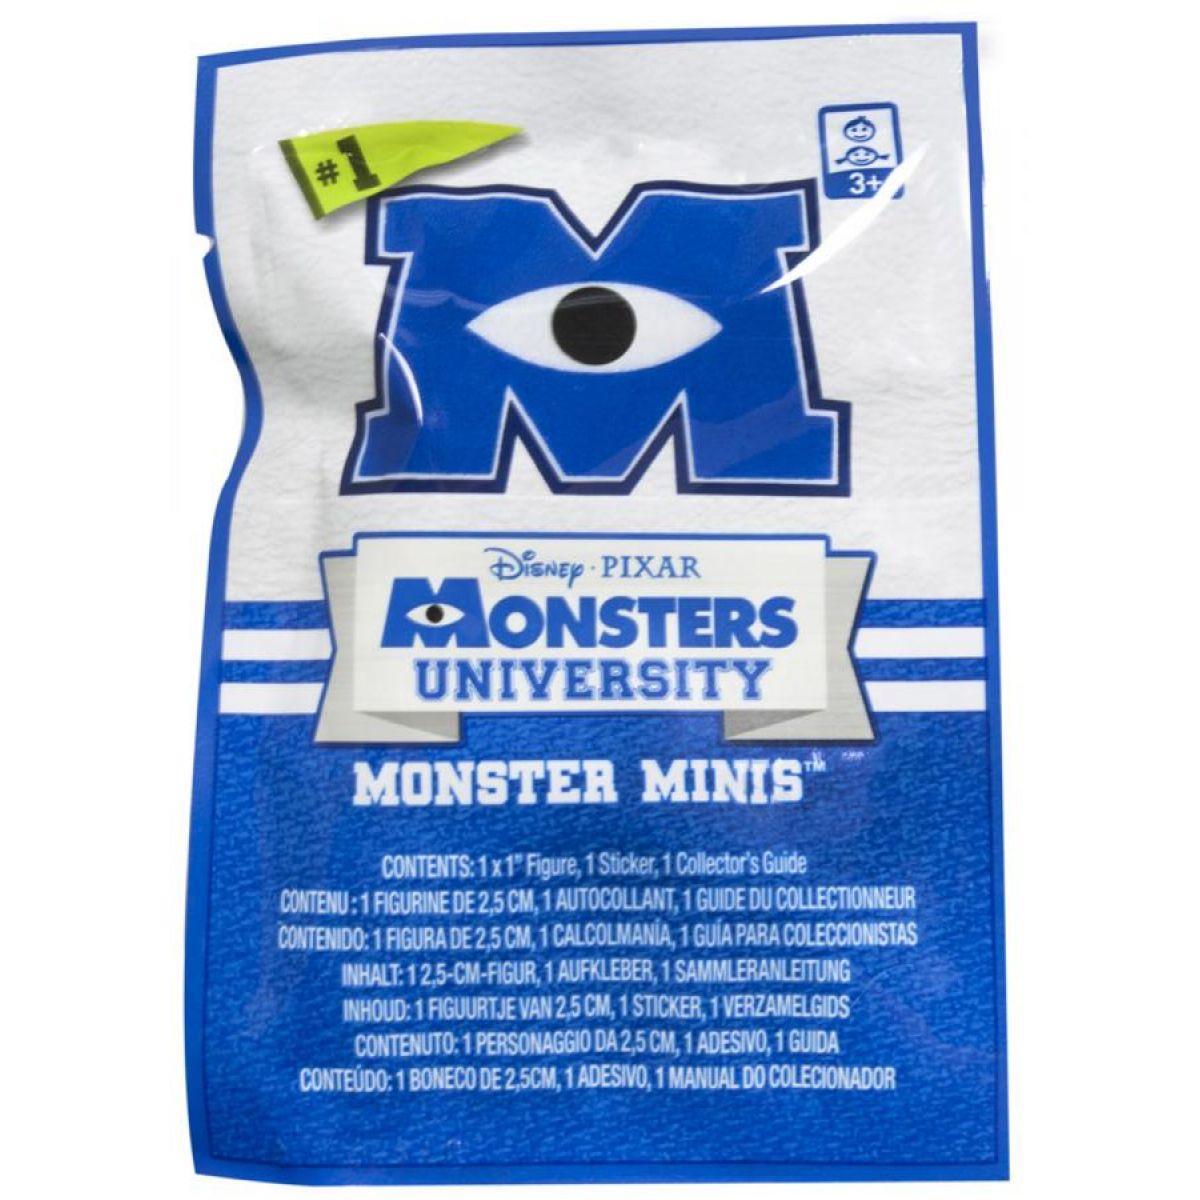 SpinMaster Figurka z filmu Monsters University 2,5 cm v sáčku